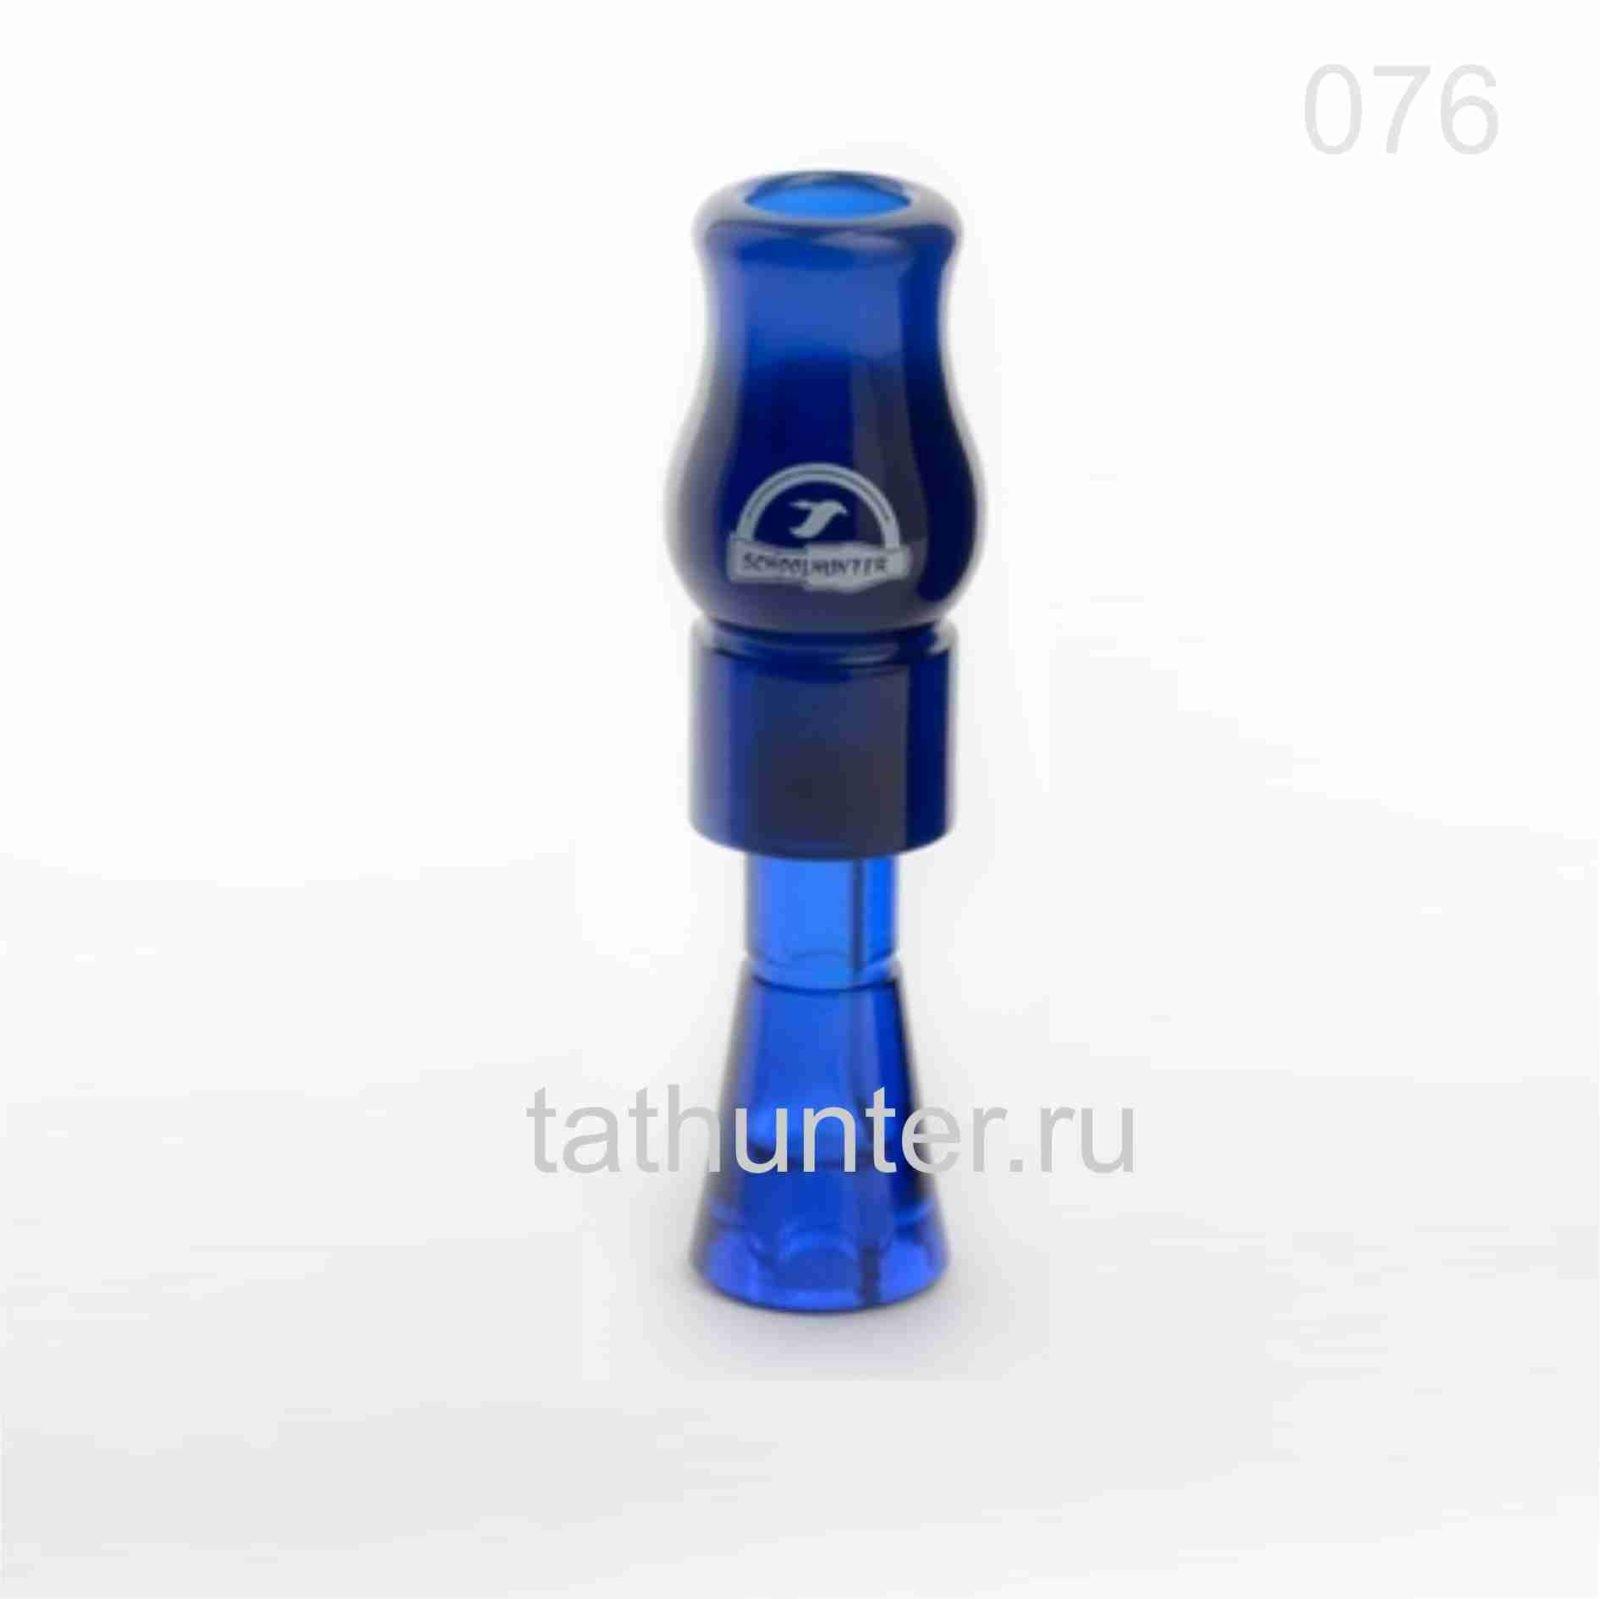 Манок двухязычковый на утку серия HUNTER ELITE цвет 076